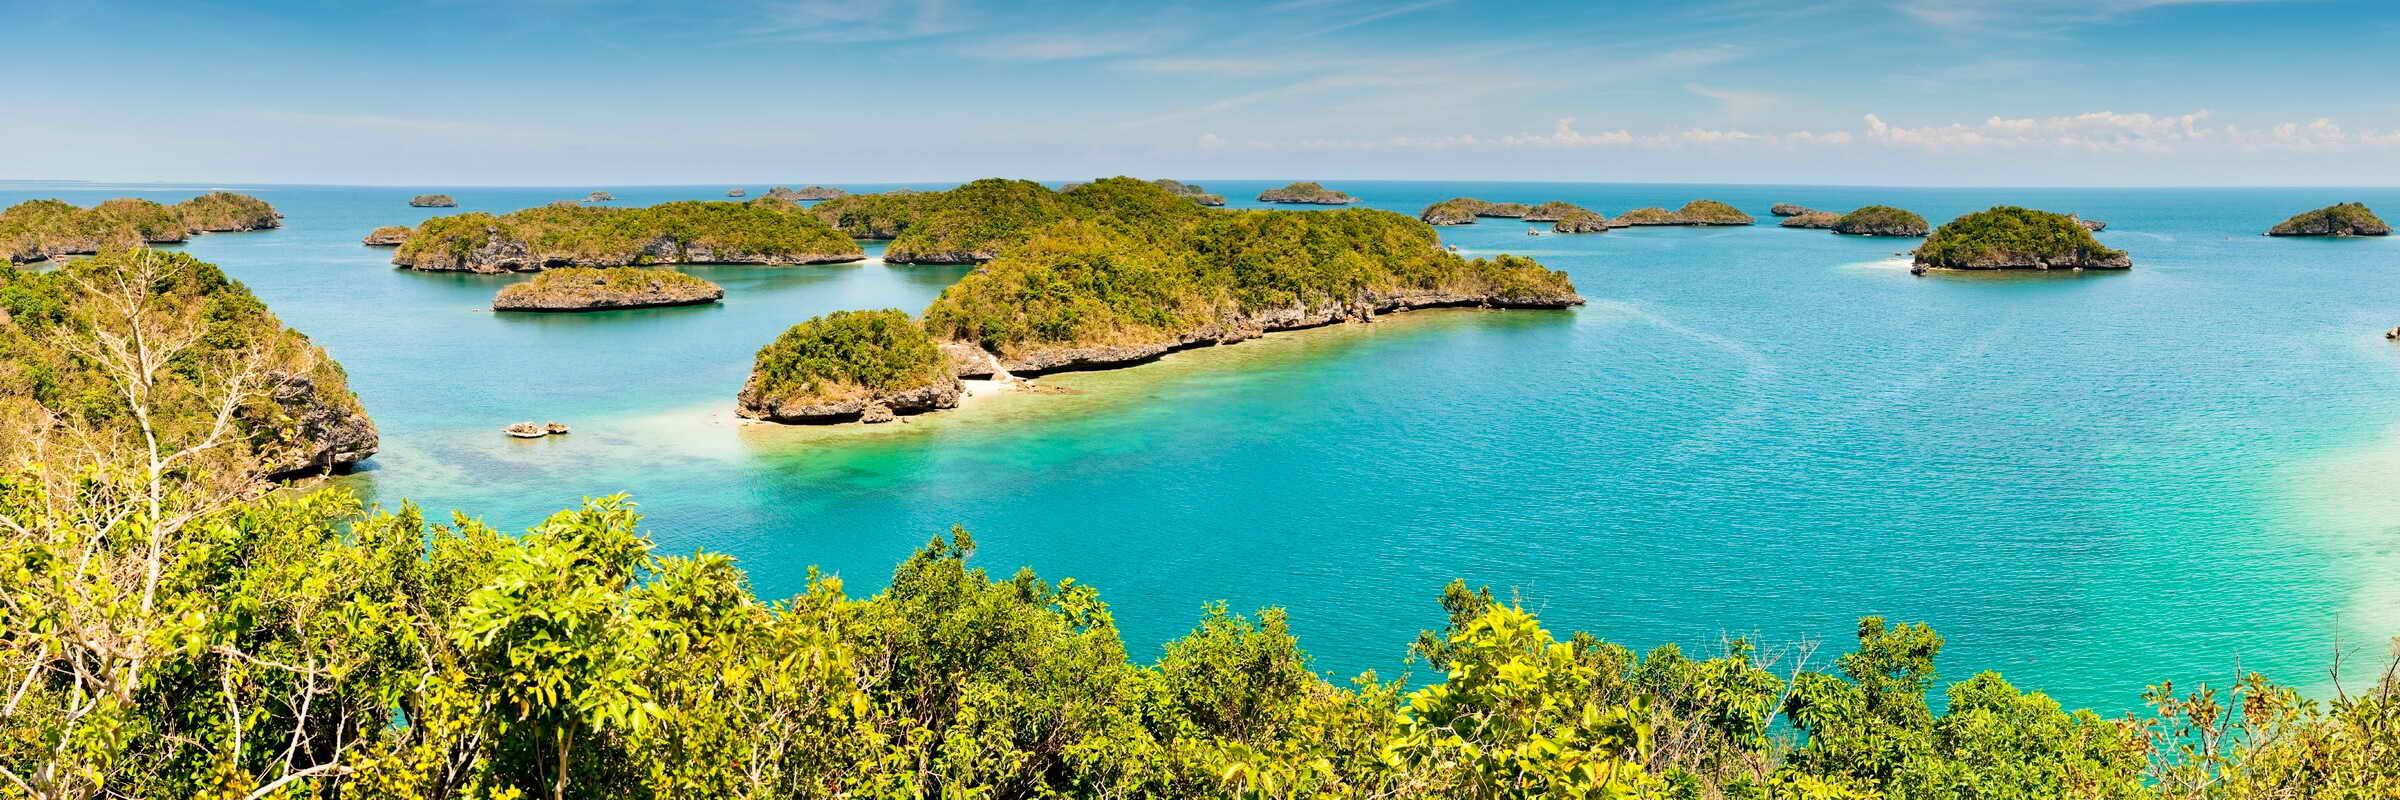 Philippinen Reisen in den Inselstaat, einem Archipel mit 7107 Inseln im westlichen Pazifischen Ozean.